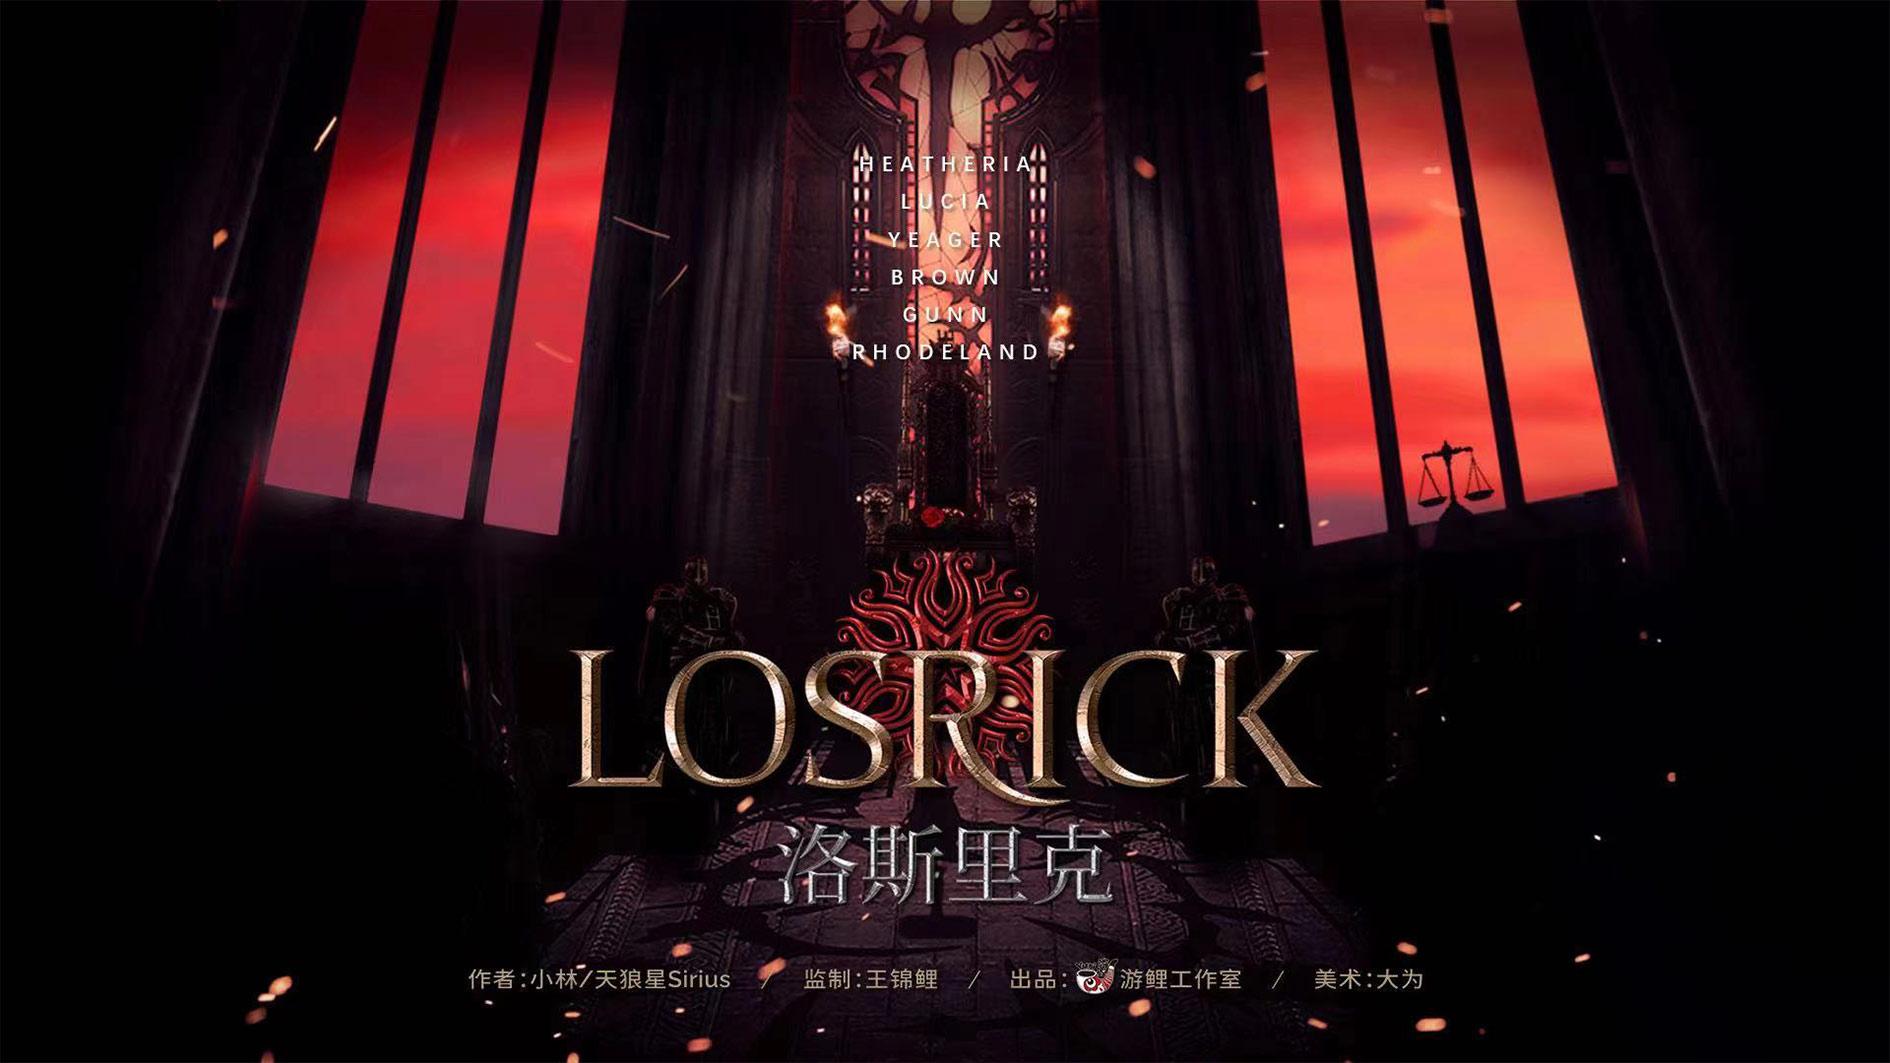 『洛斯里克』剧本杀复盘解析\剧透\谁是凶手